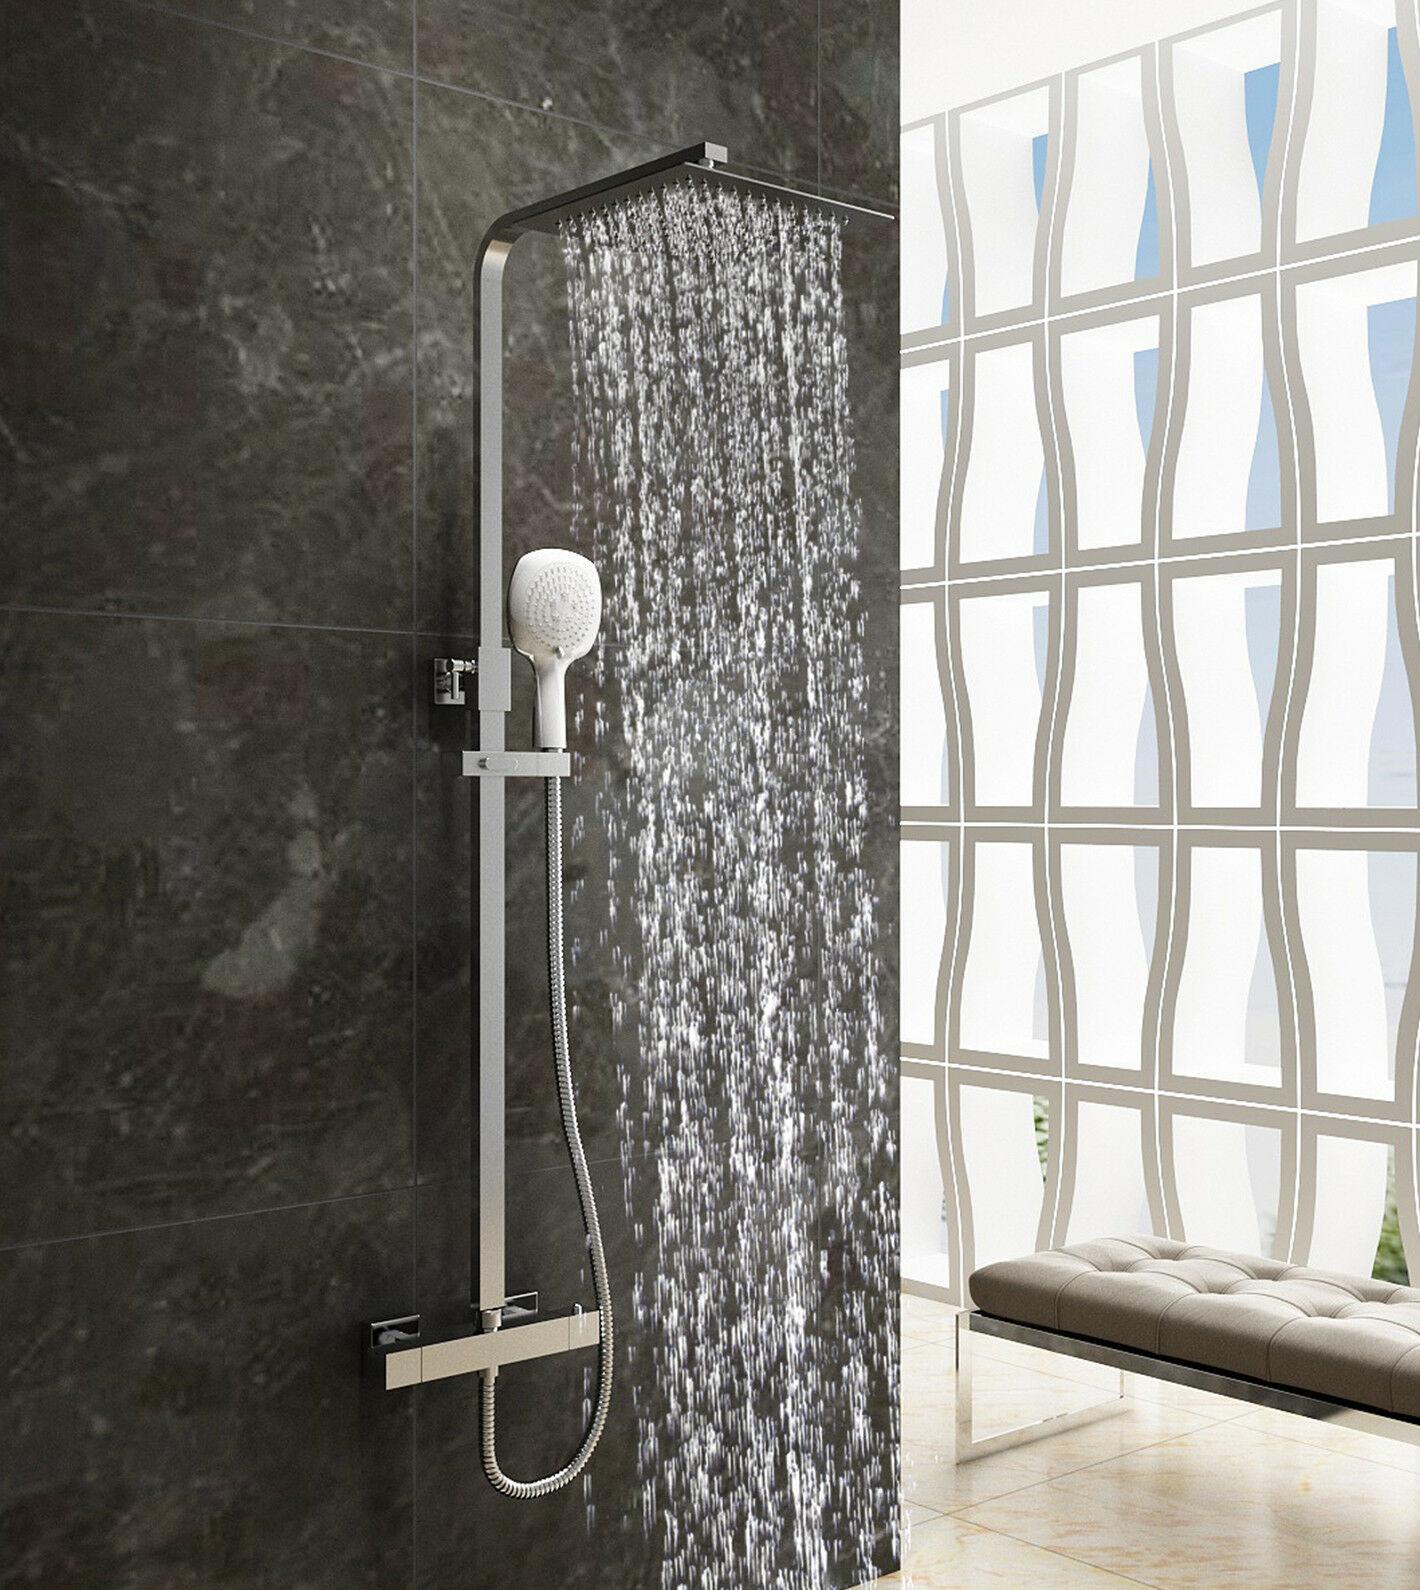 Full Size of Duschsäulen Der Soho Regendusche 80x80 Dusche Duschsäulen